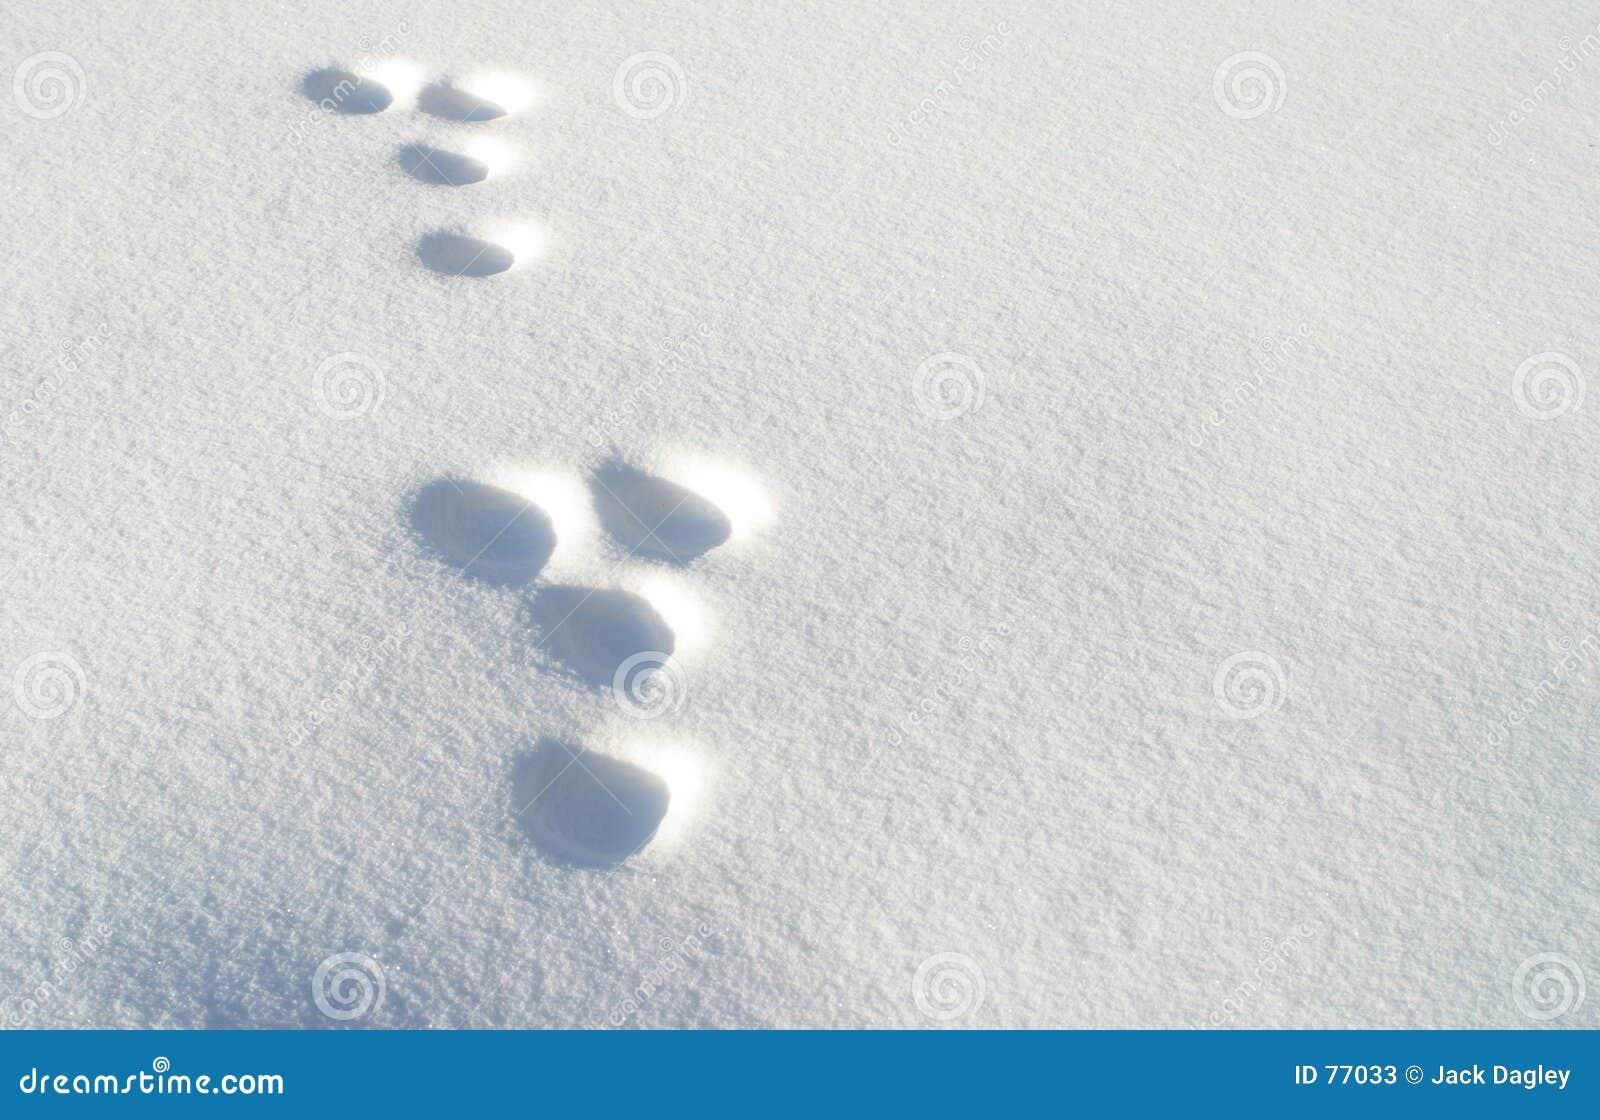 Kaninchenabdrücke im Schnee